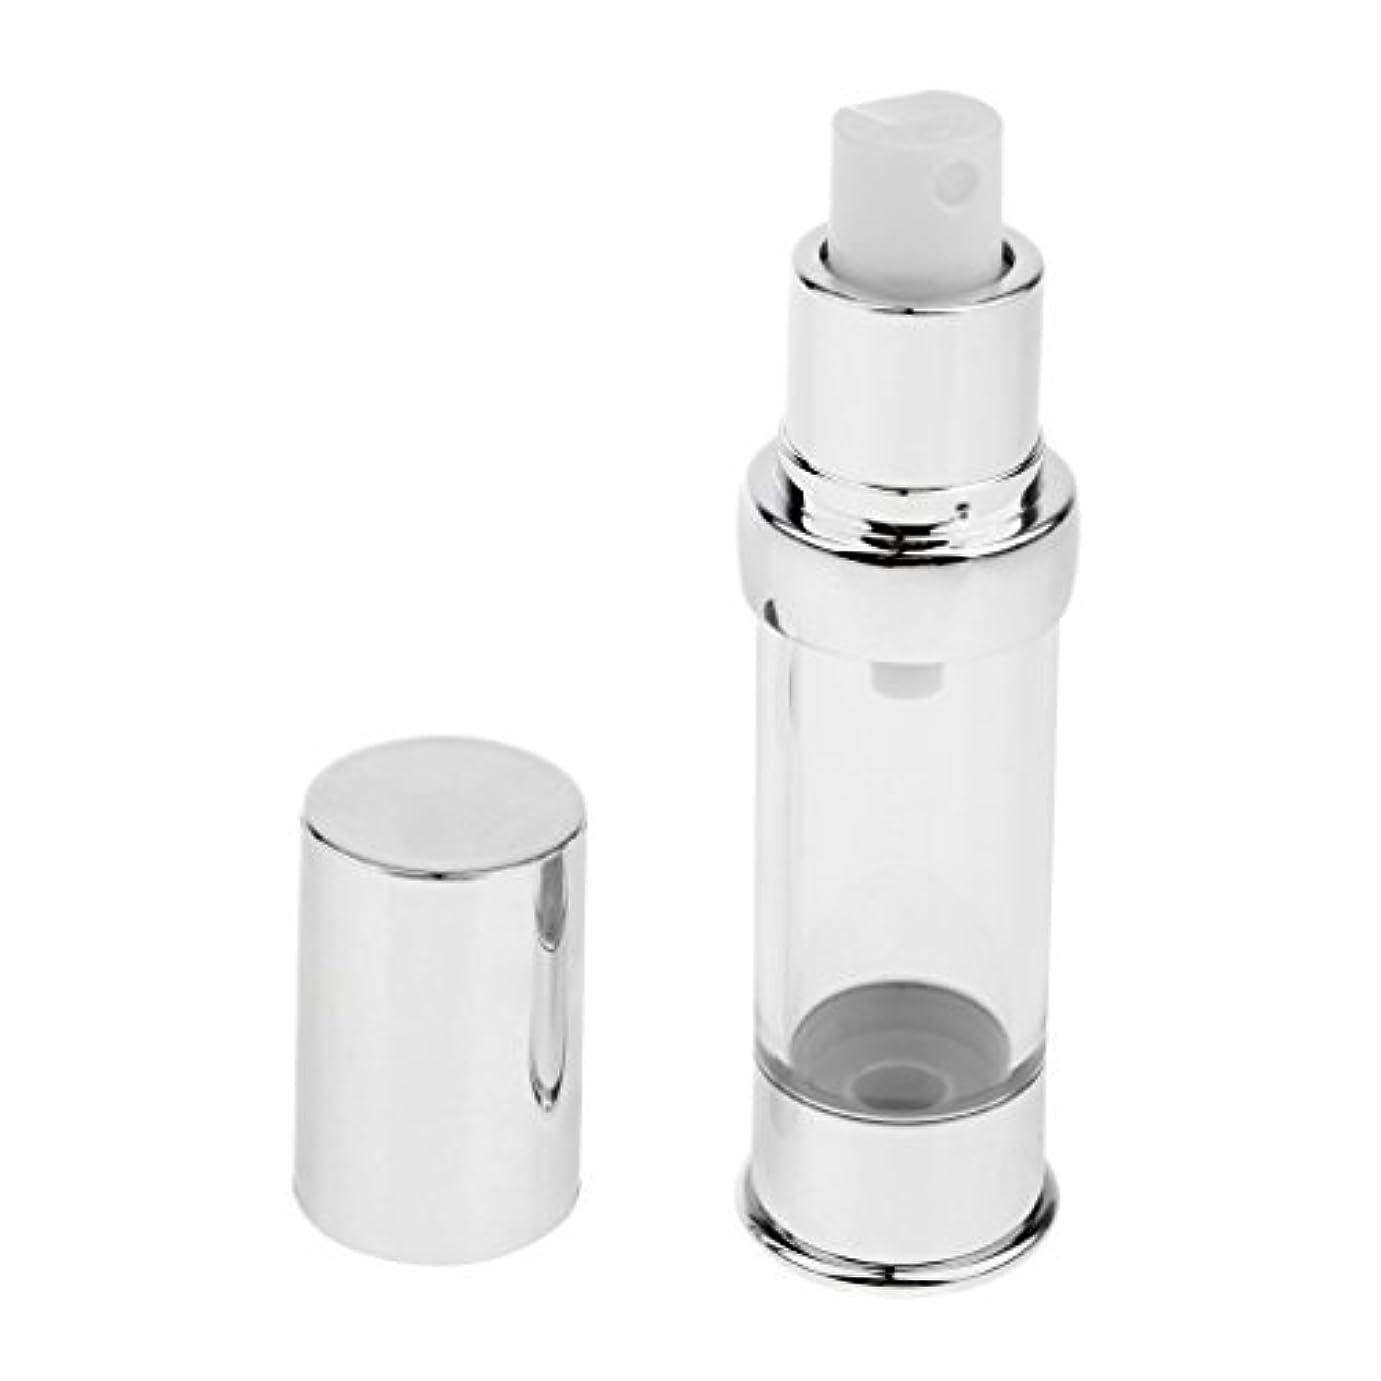 発動機小競り合い背骨エアレスボトル 無菌 エアレス ポンプボトル 詰め替え可能 化粧用 ローション 容器 4サイズ選べ - 15ml